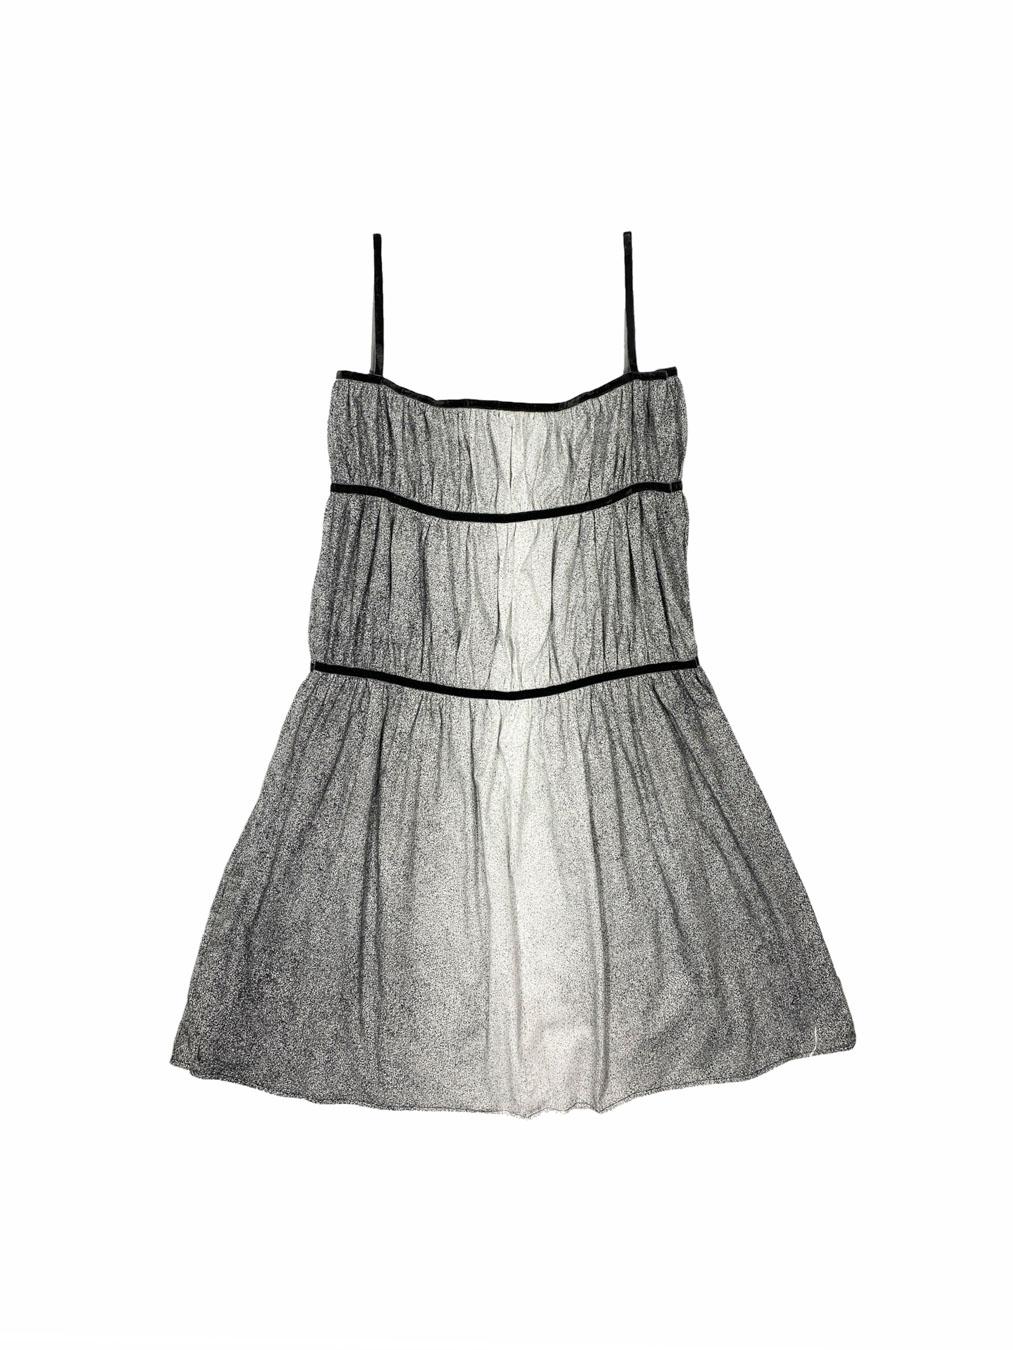 Amie Ameila Dress